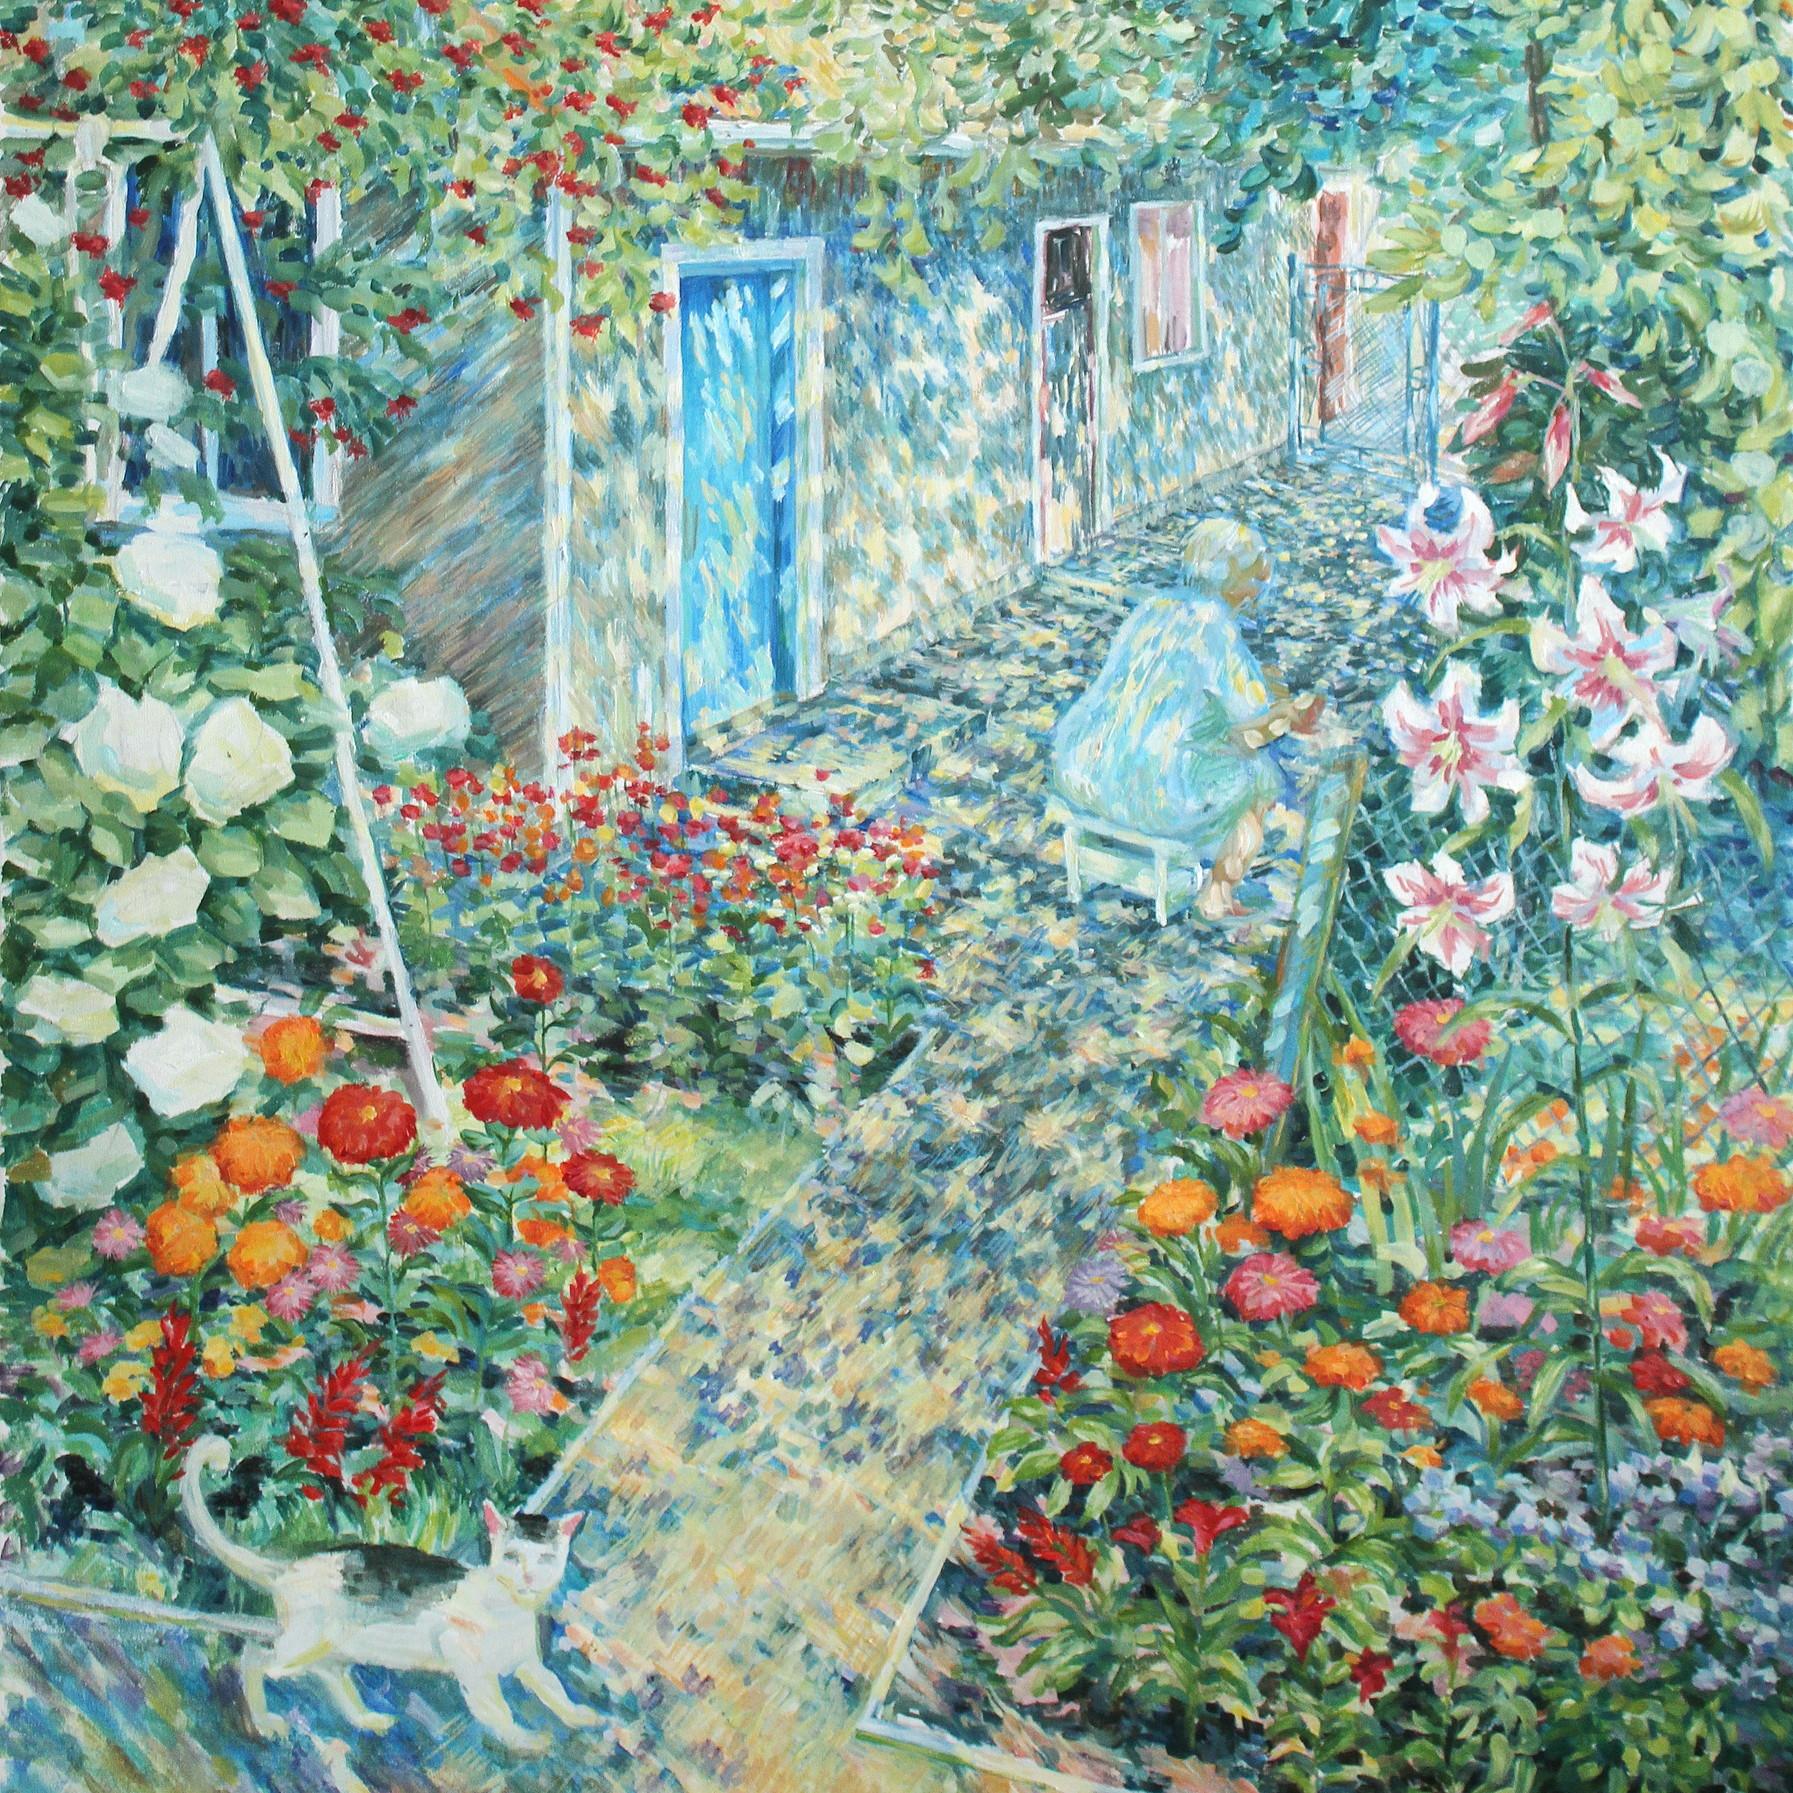 絵画 インテリア アートパネル 雑貨 壁掛け 置物 おしゃれ 油絵 水彩画 鉛筆画 花 自然 風景 ロココロ 画家 : Uliana ( ウリャーナ ) 作品 : u-8